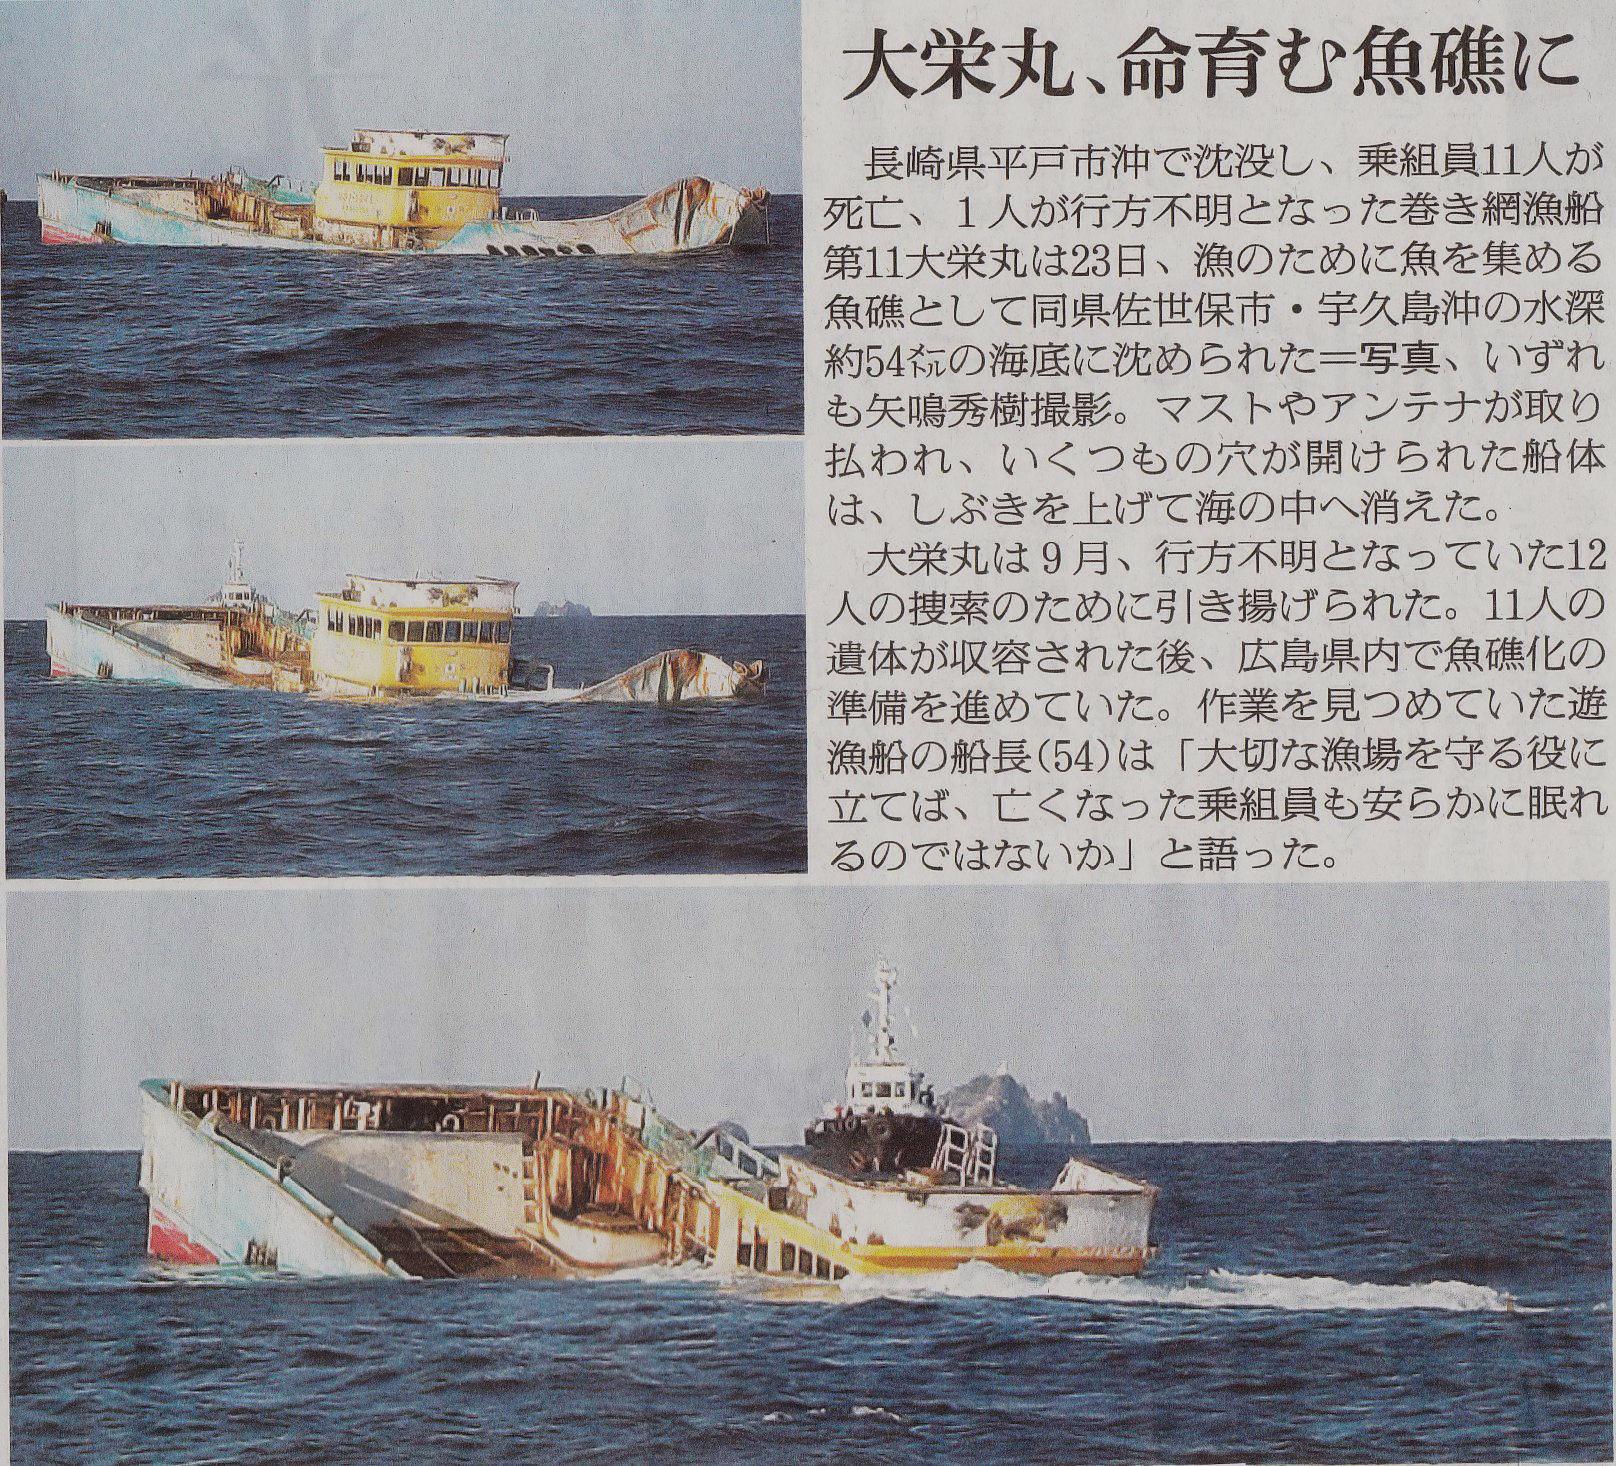 第11大栄丸